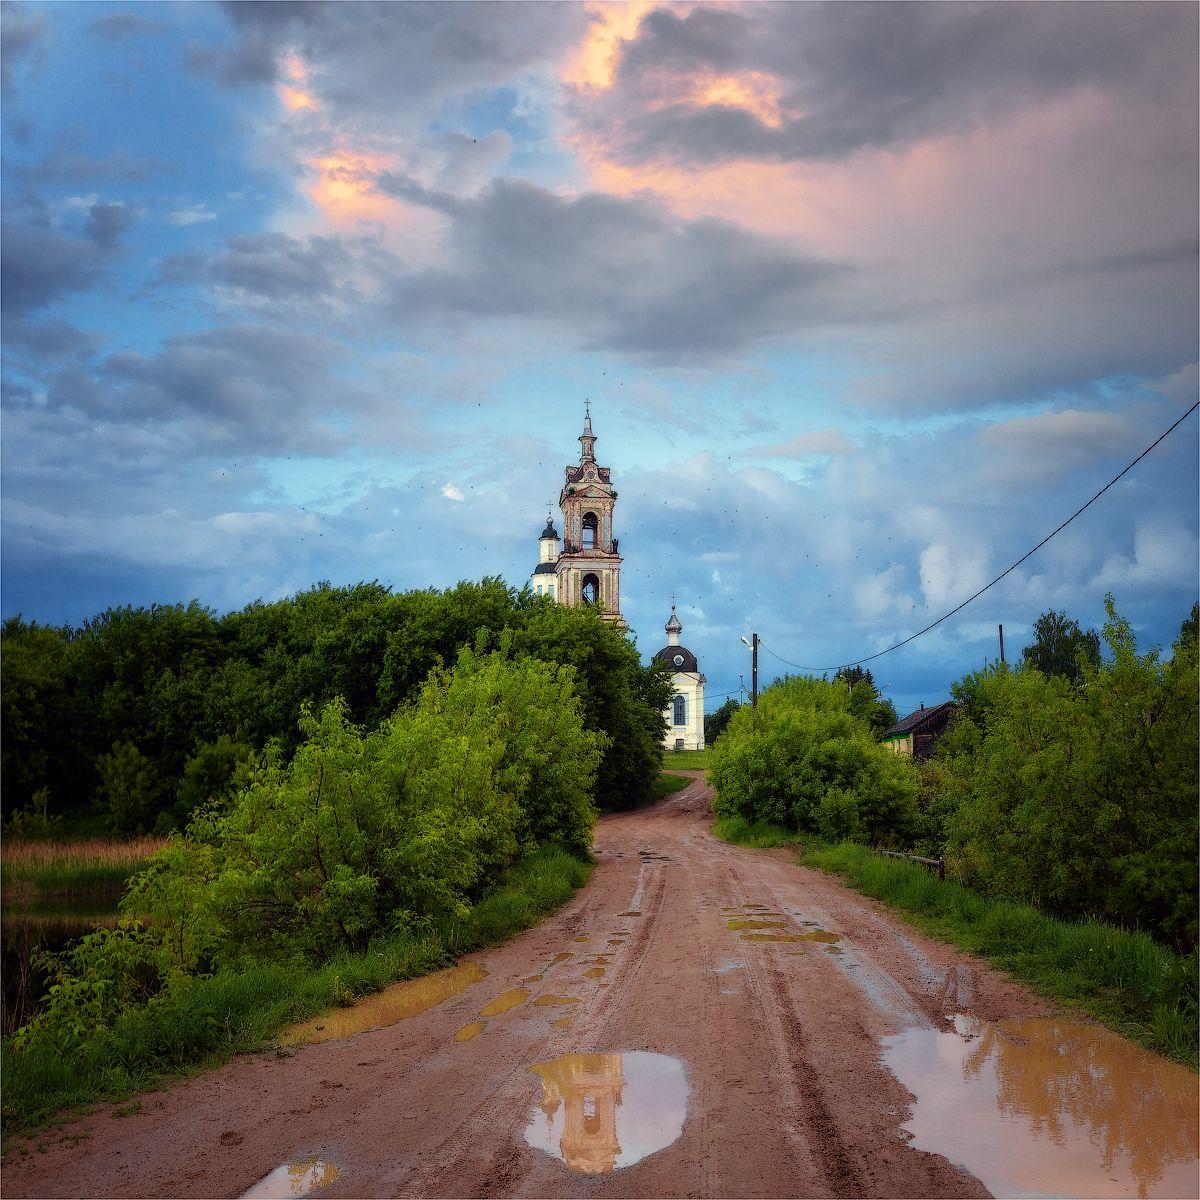 Дорога к храму.. храм церковь дорога ильинское кировскаяобласть облака лужа деревья